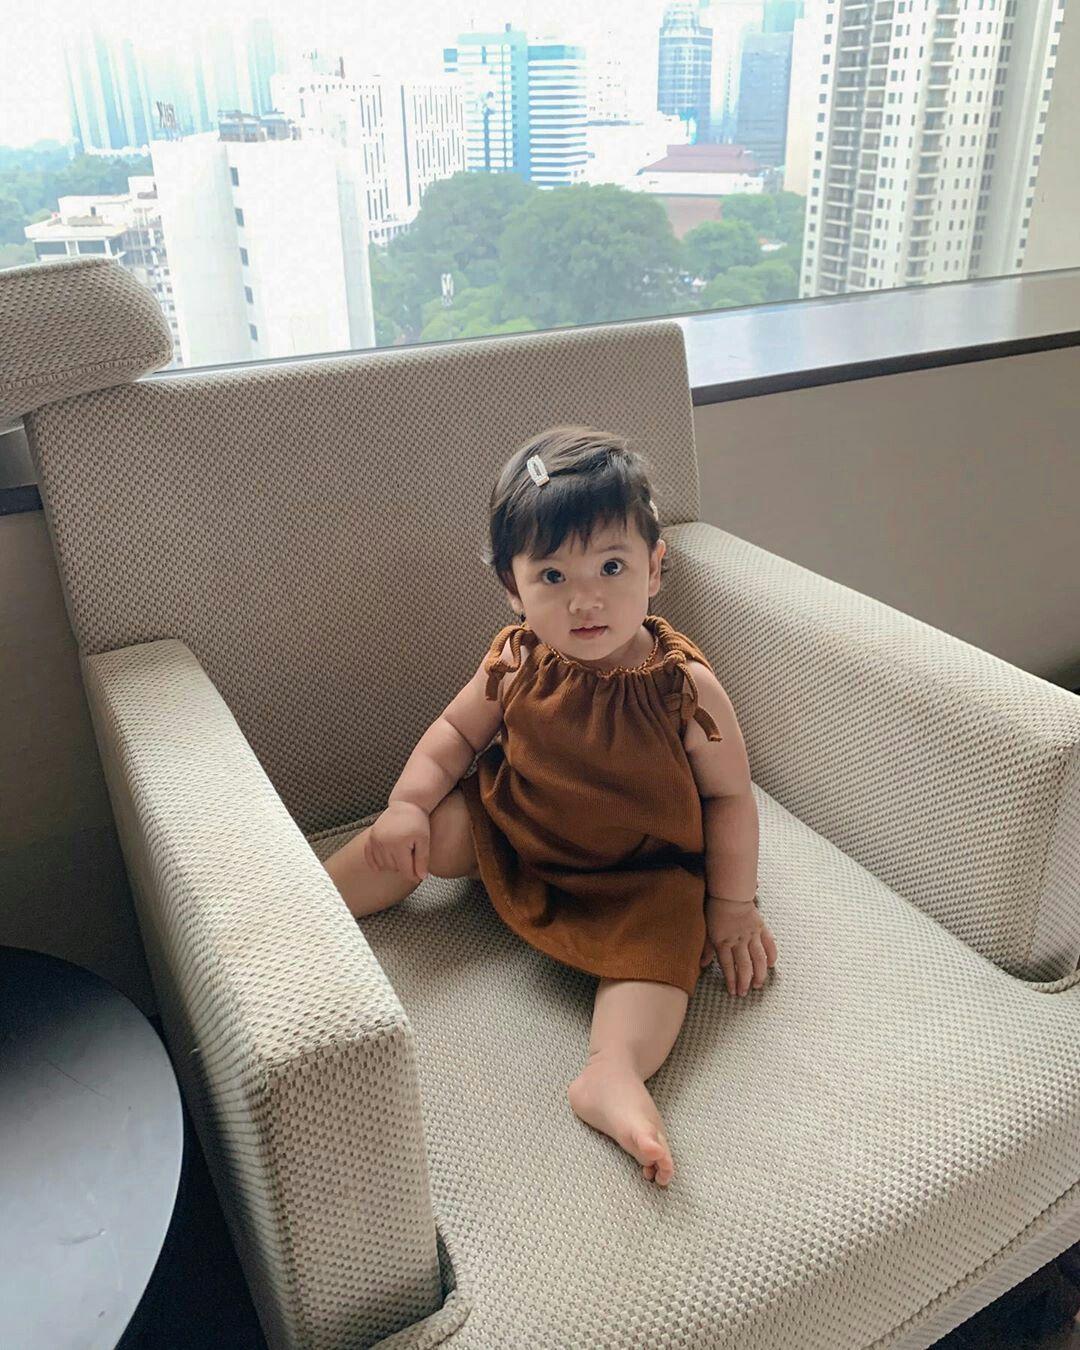 Pin Oleh Bittner Soares Di Adorable Babies Gambar Bayi Bayi Gambar